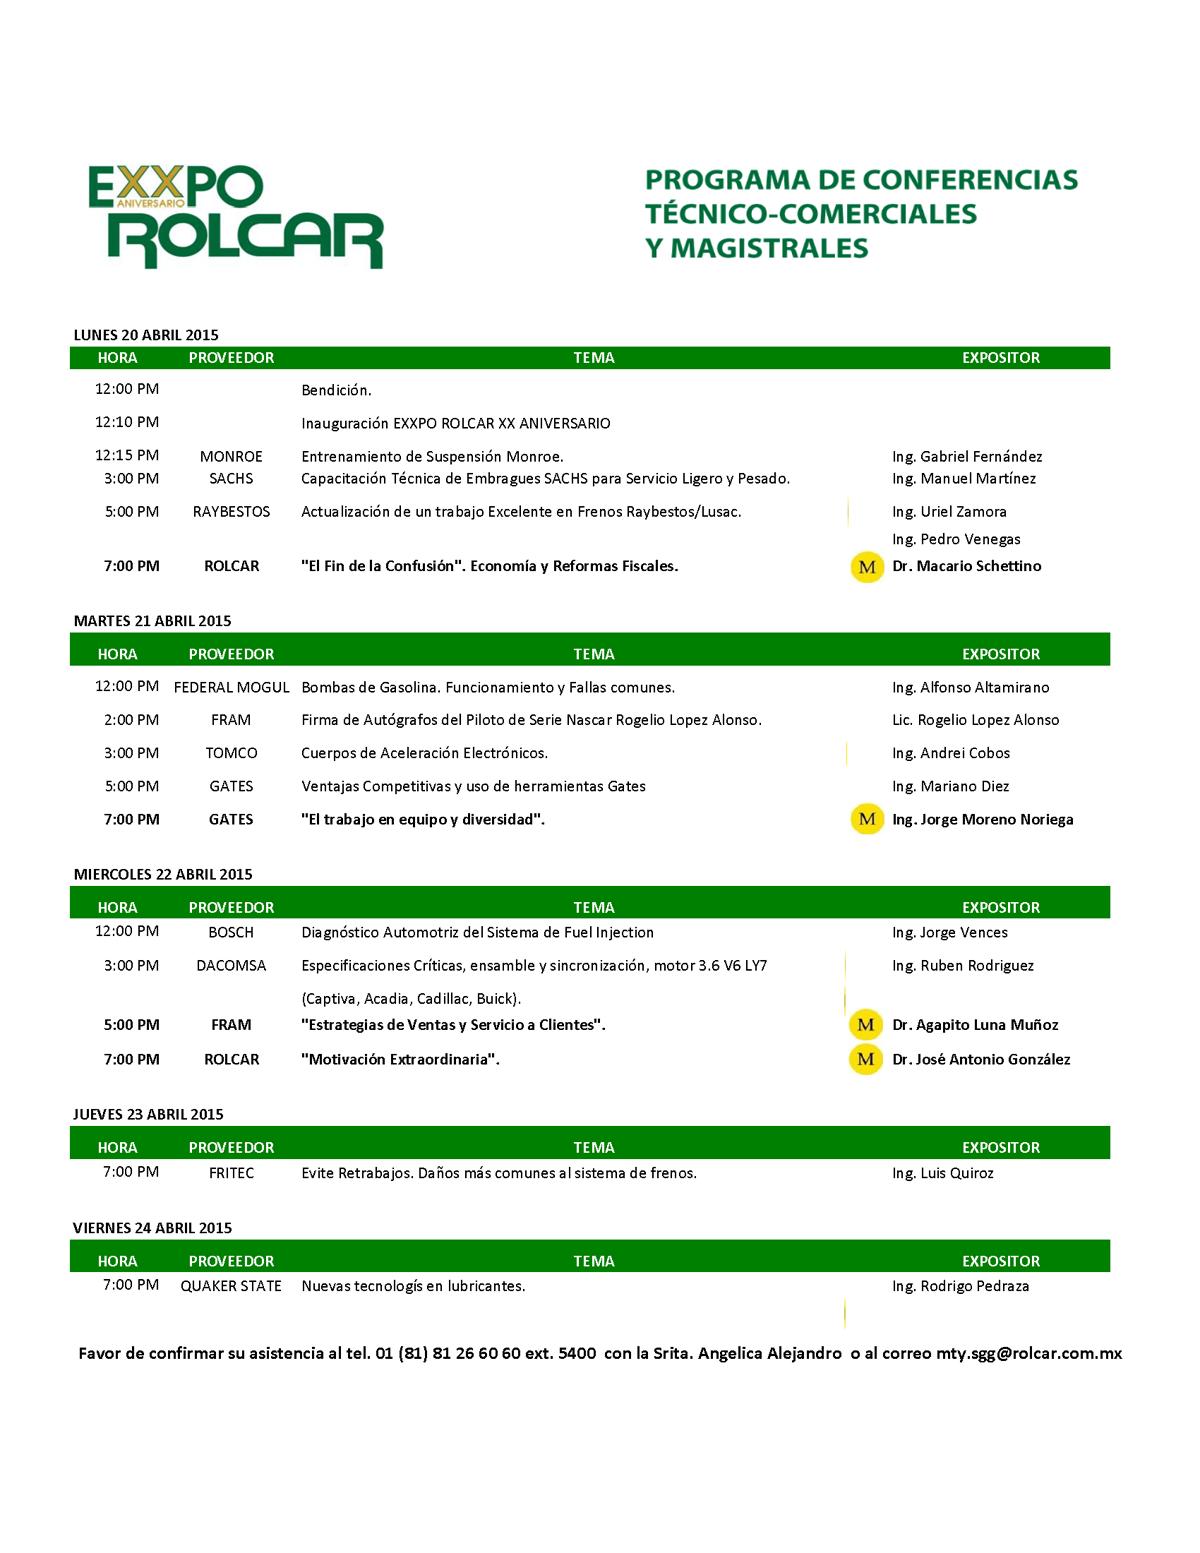 Programa Exxpo Rolcar Extendido.jpg